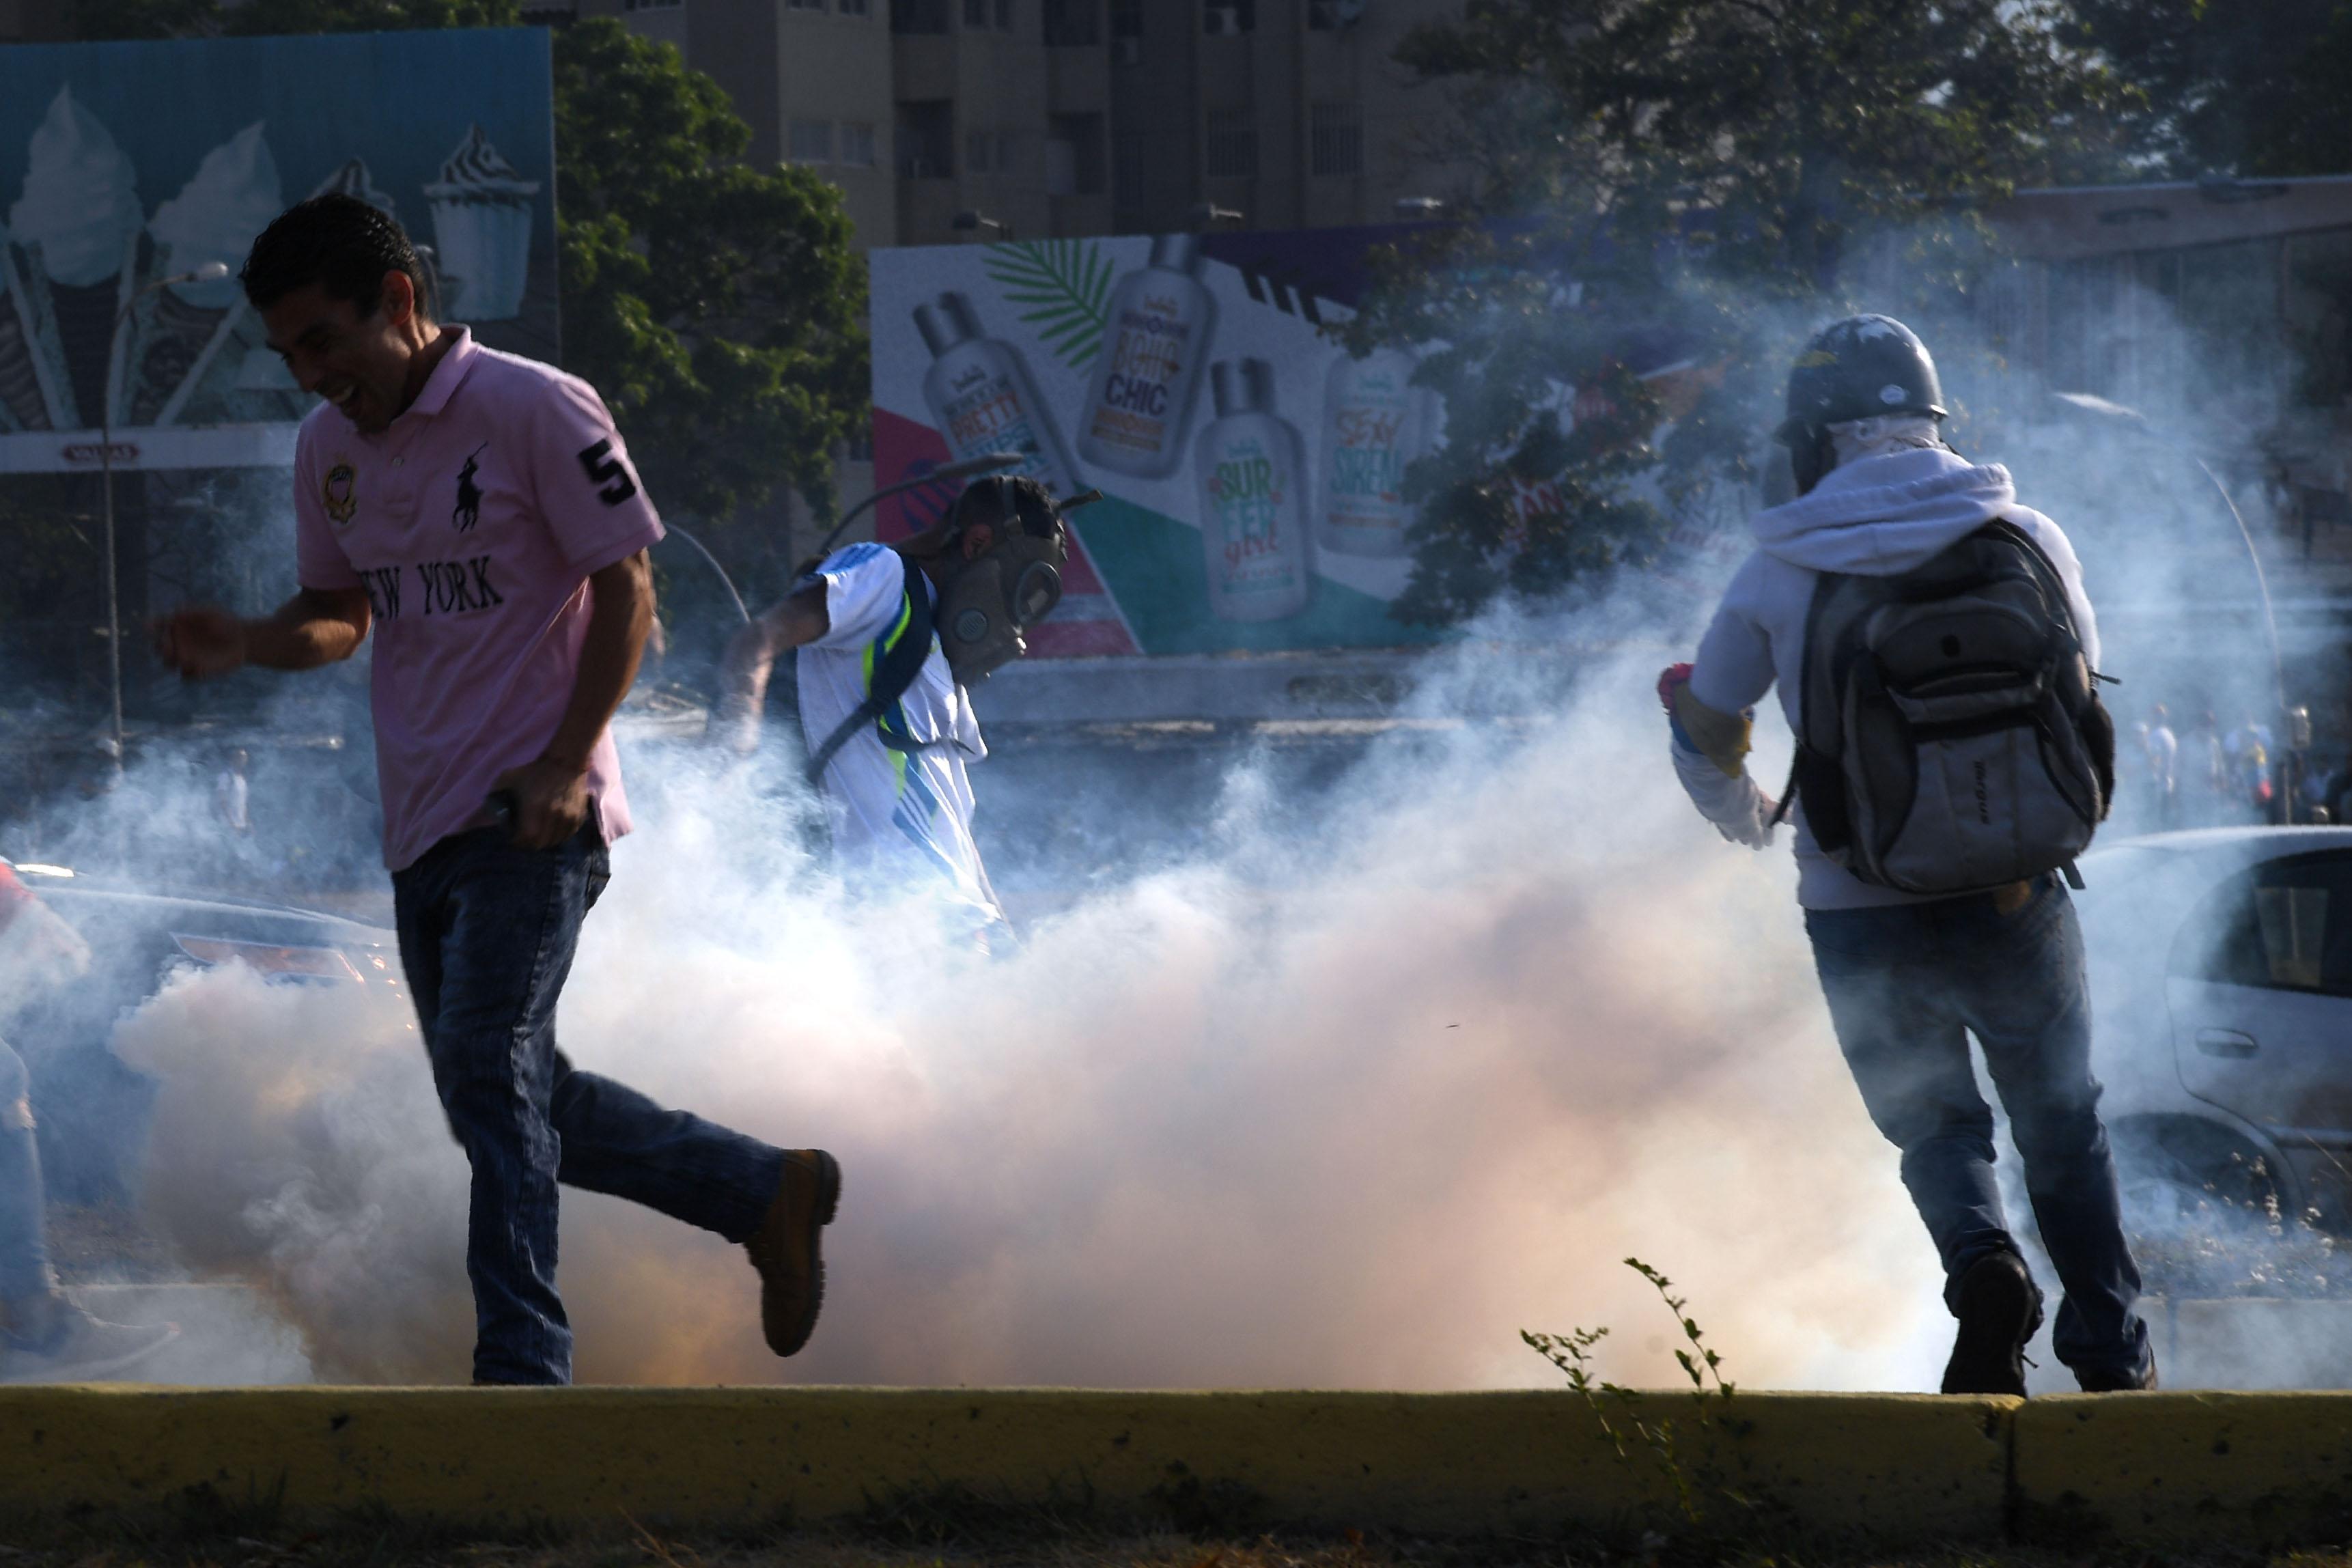 Tensión se vive en Venezuela luego de la liberación del opositor Leopoldo López y el llamado de Juan Guaidó para salir a las calles, mientras el gobierno de Nicolás Maduro también moviliza simpatizantes. (Foto Prensa Libre: AFP)